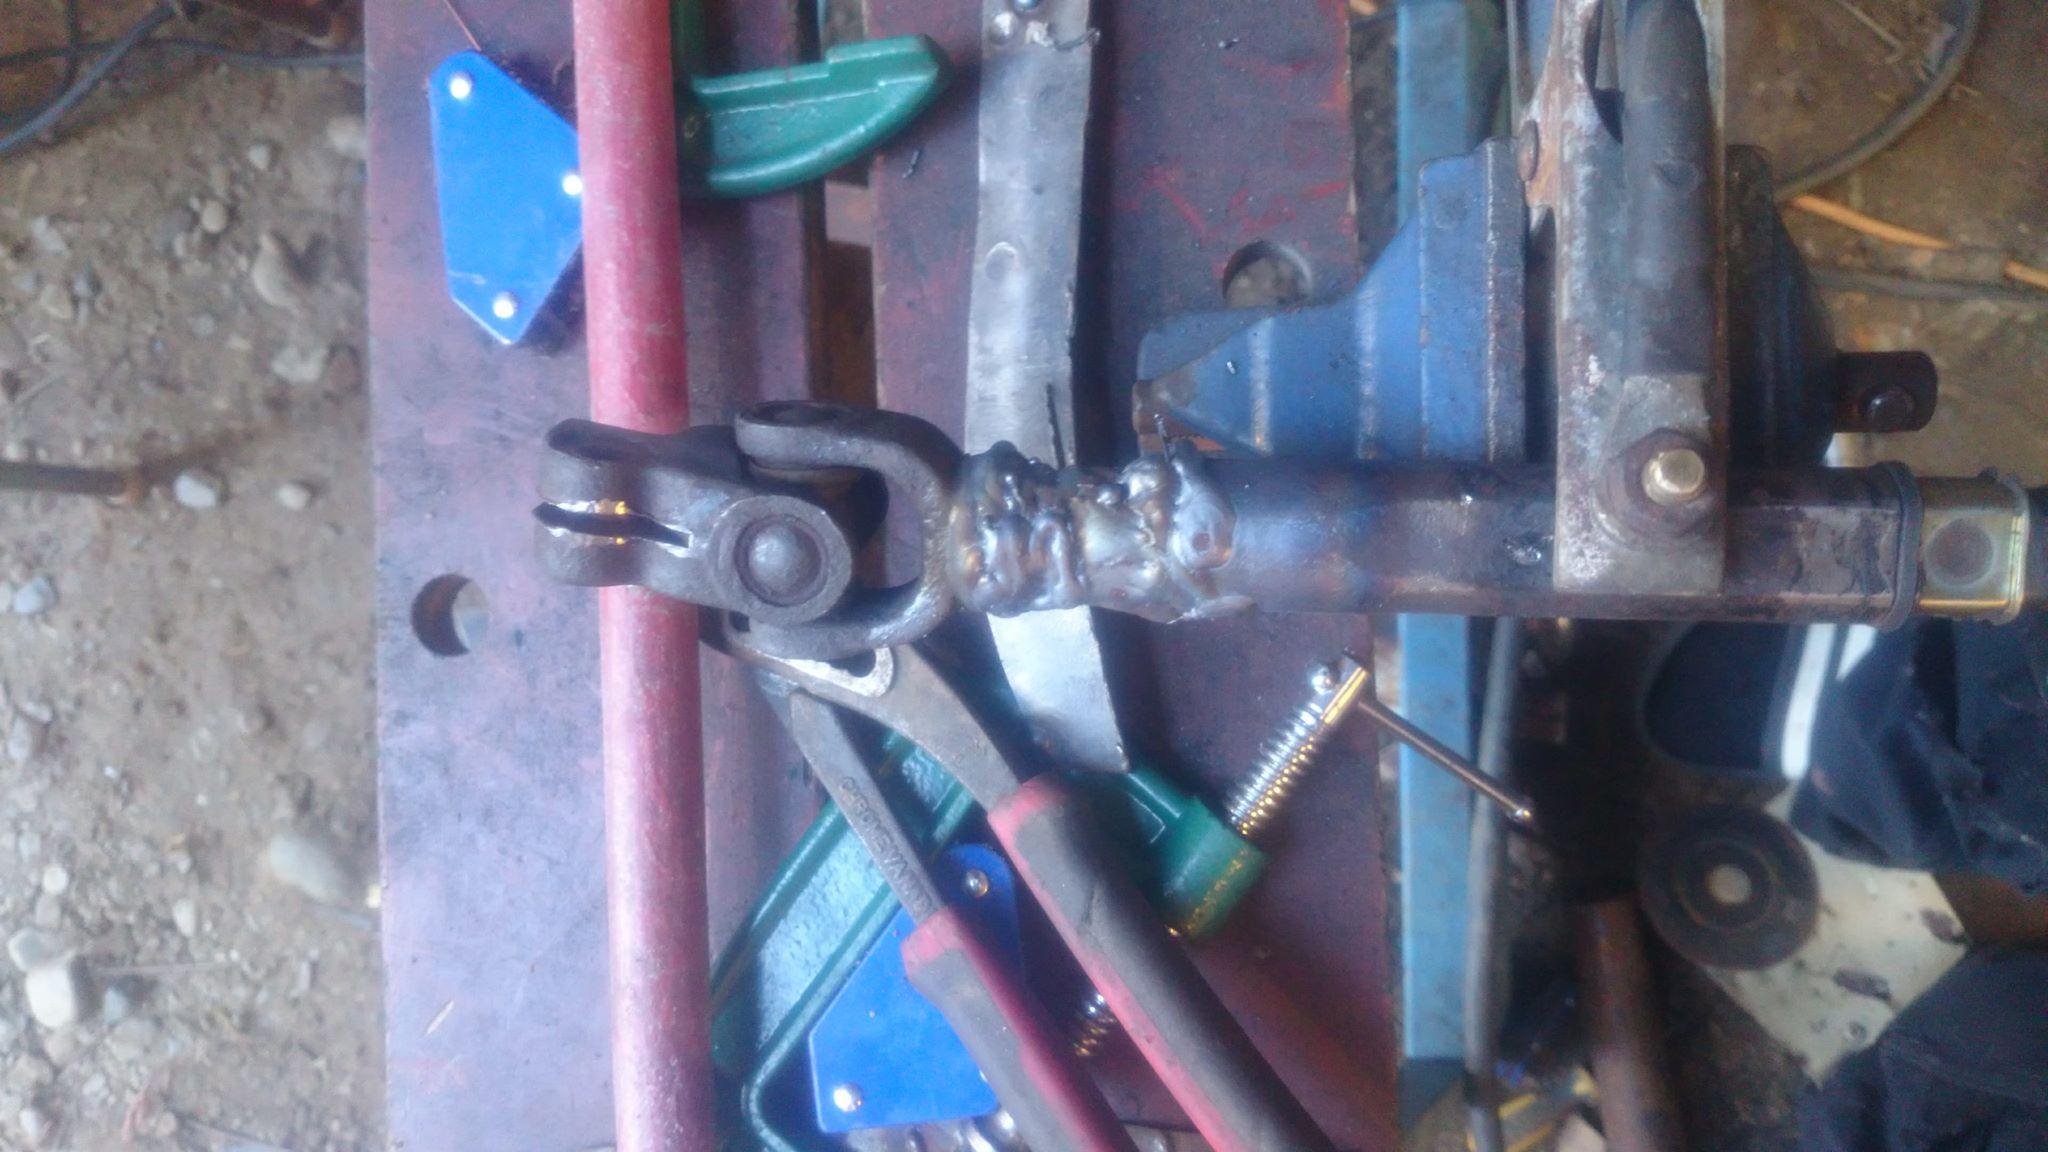 [Image: AEU86 AE86 - DIY: Hopeless project.]